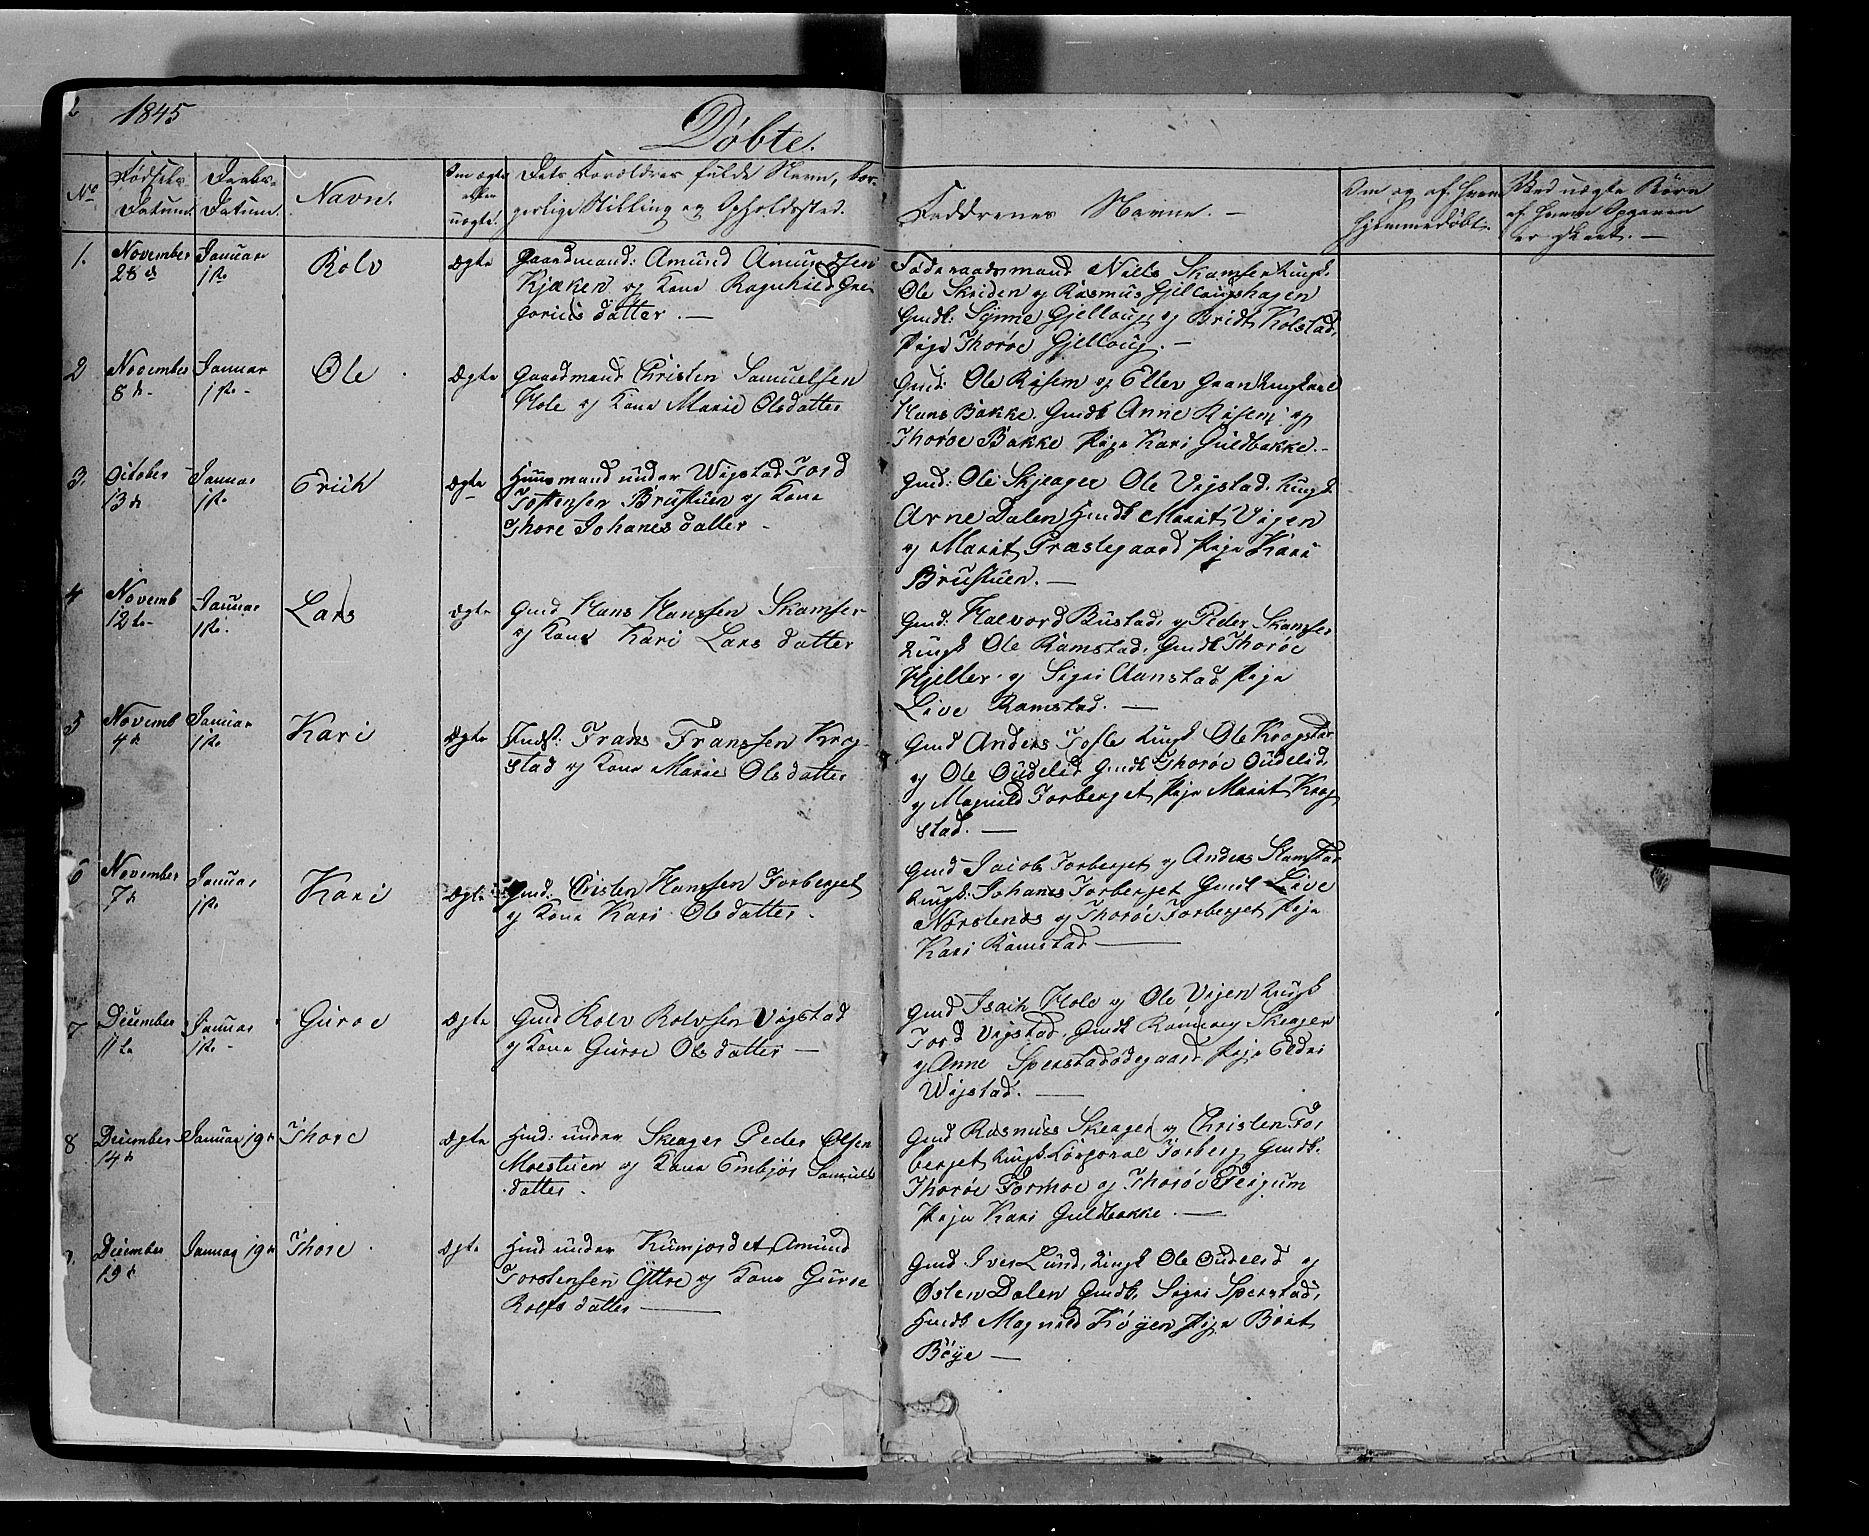 SAH, Lom prestekontor, L/L0004: Klokkerbok nr. 4, 1845-1864, s. 2-3